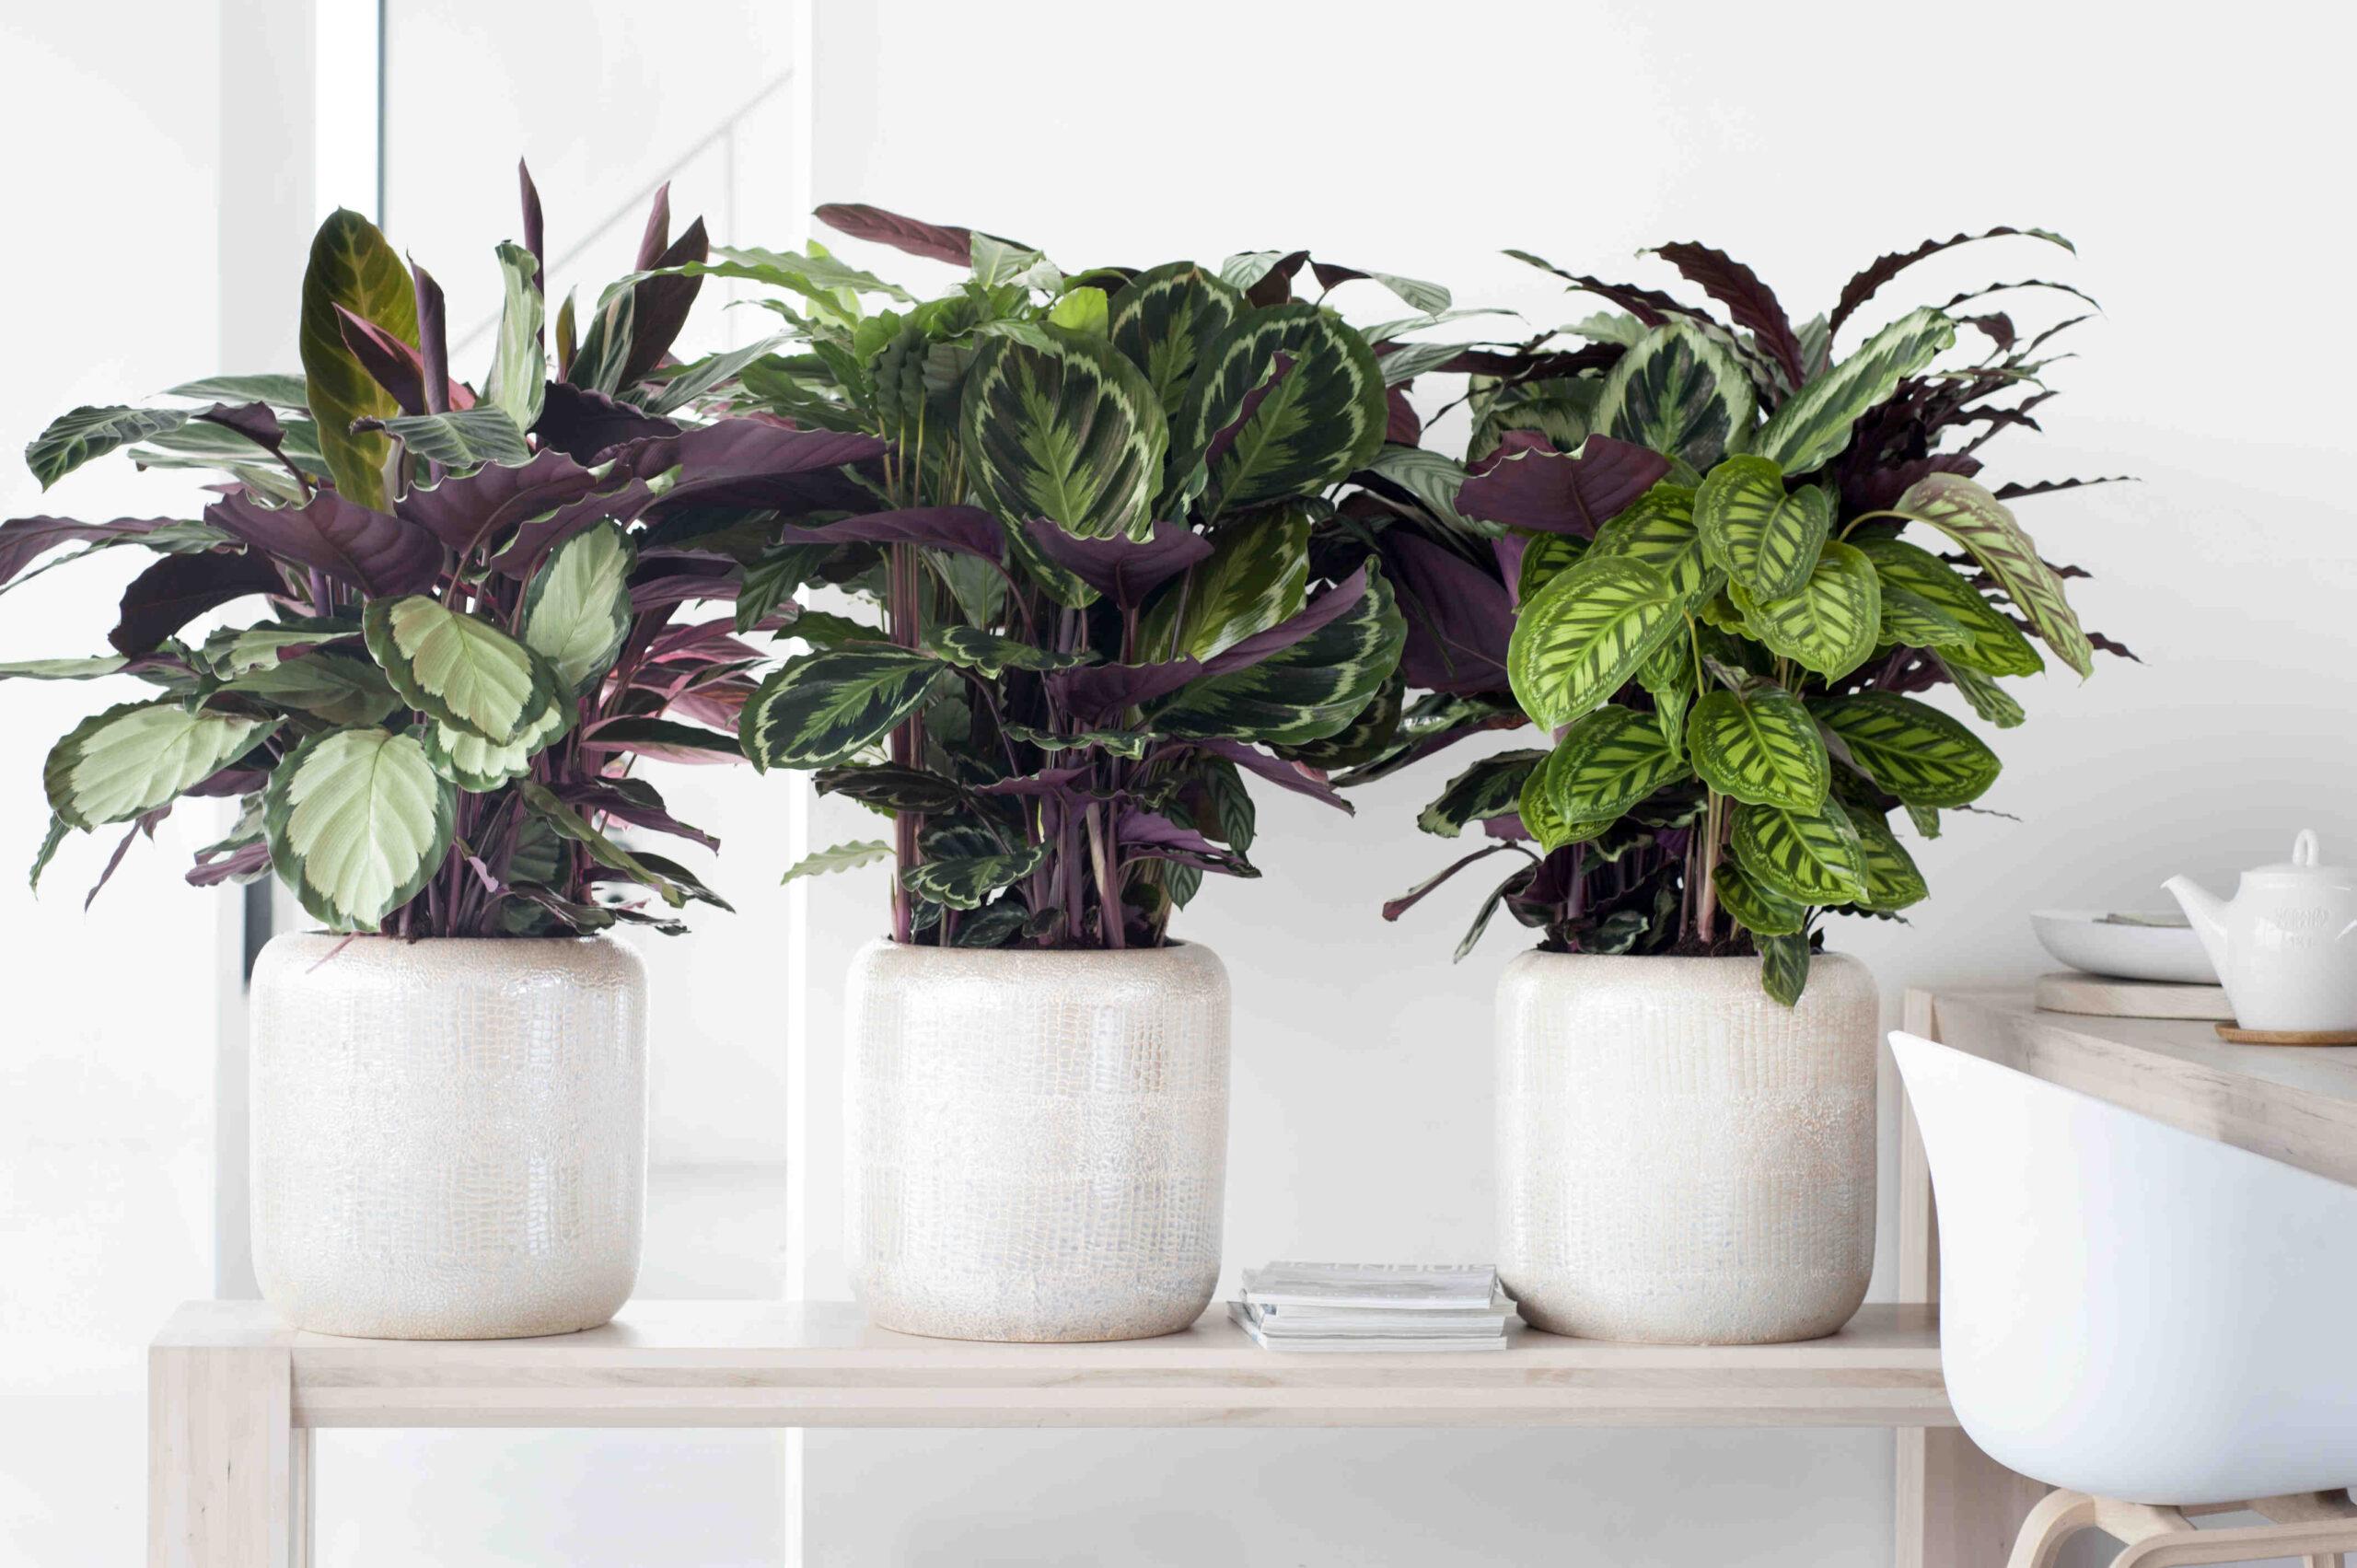 Comment éliminer les parasites des plantes ?